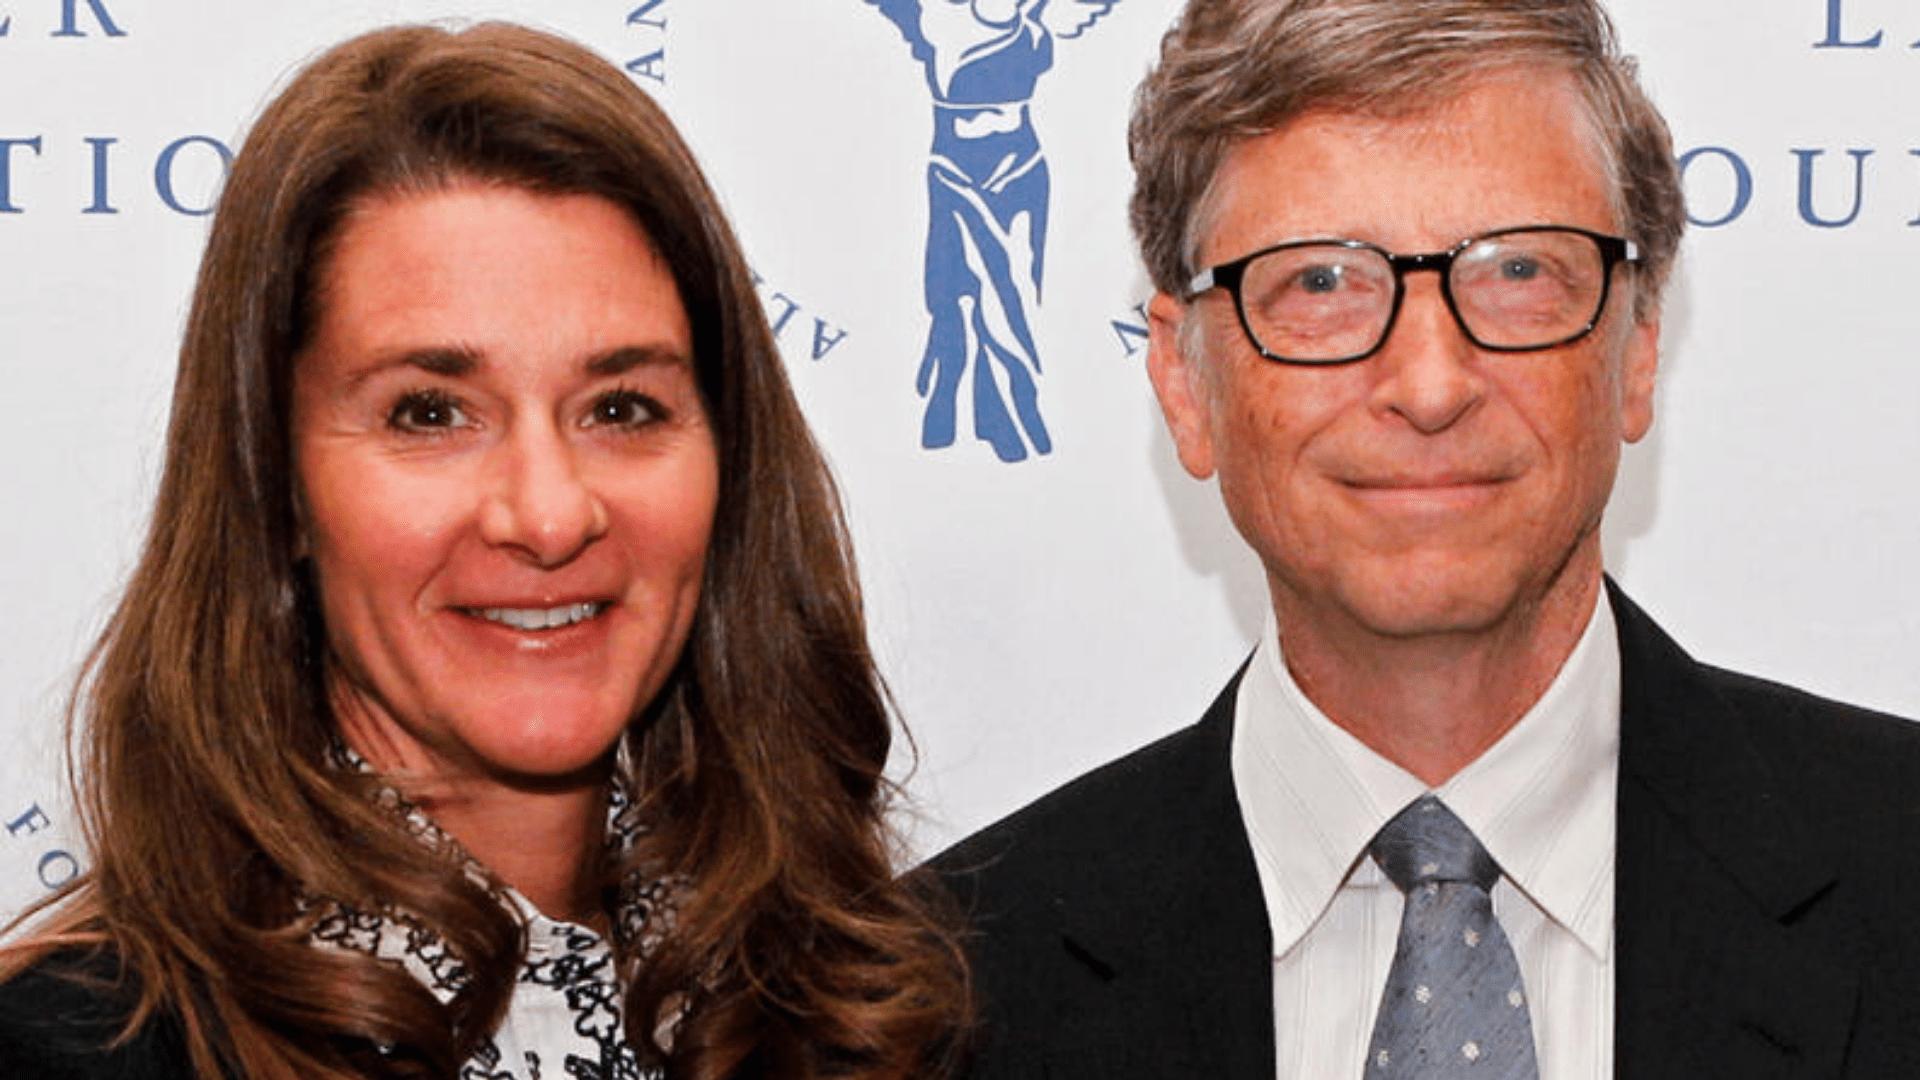 Bill Gates e Melinda anunciaram o divórcio após um longo relacionamento   Foto: Reprodução